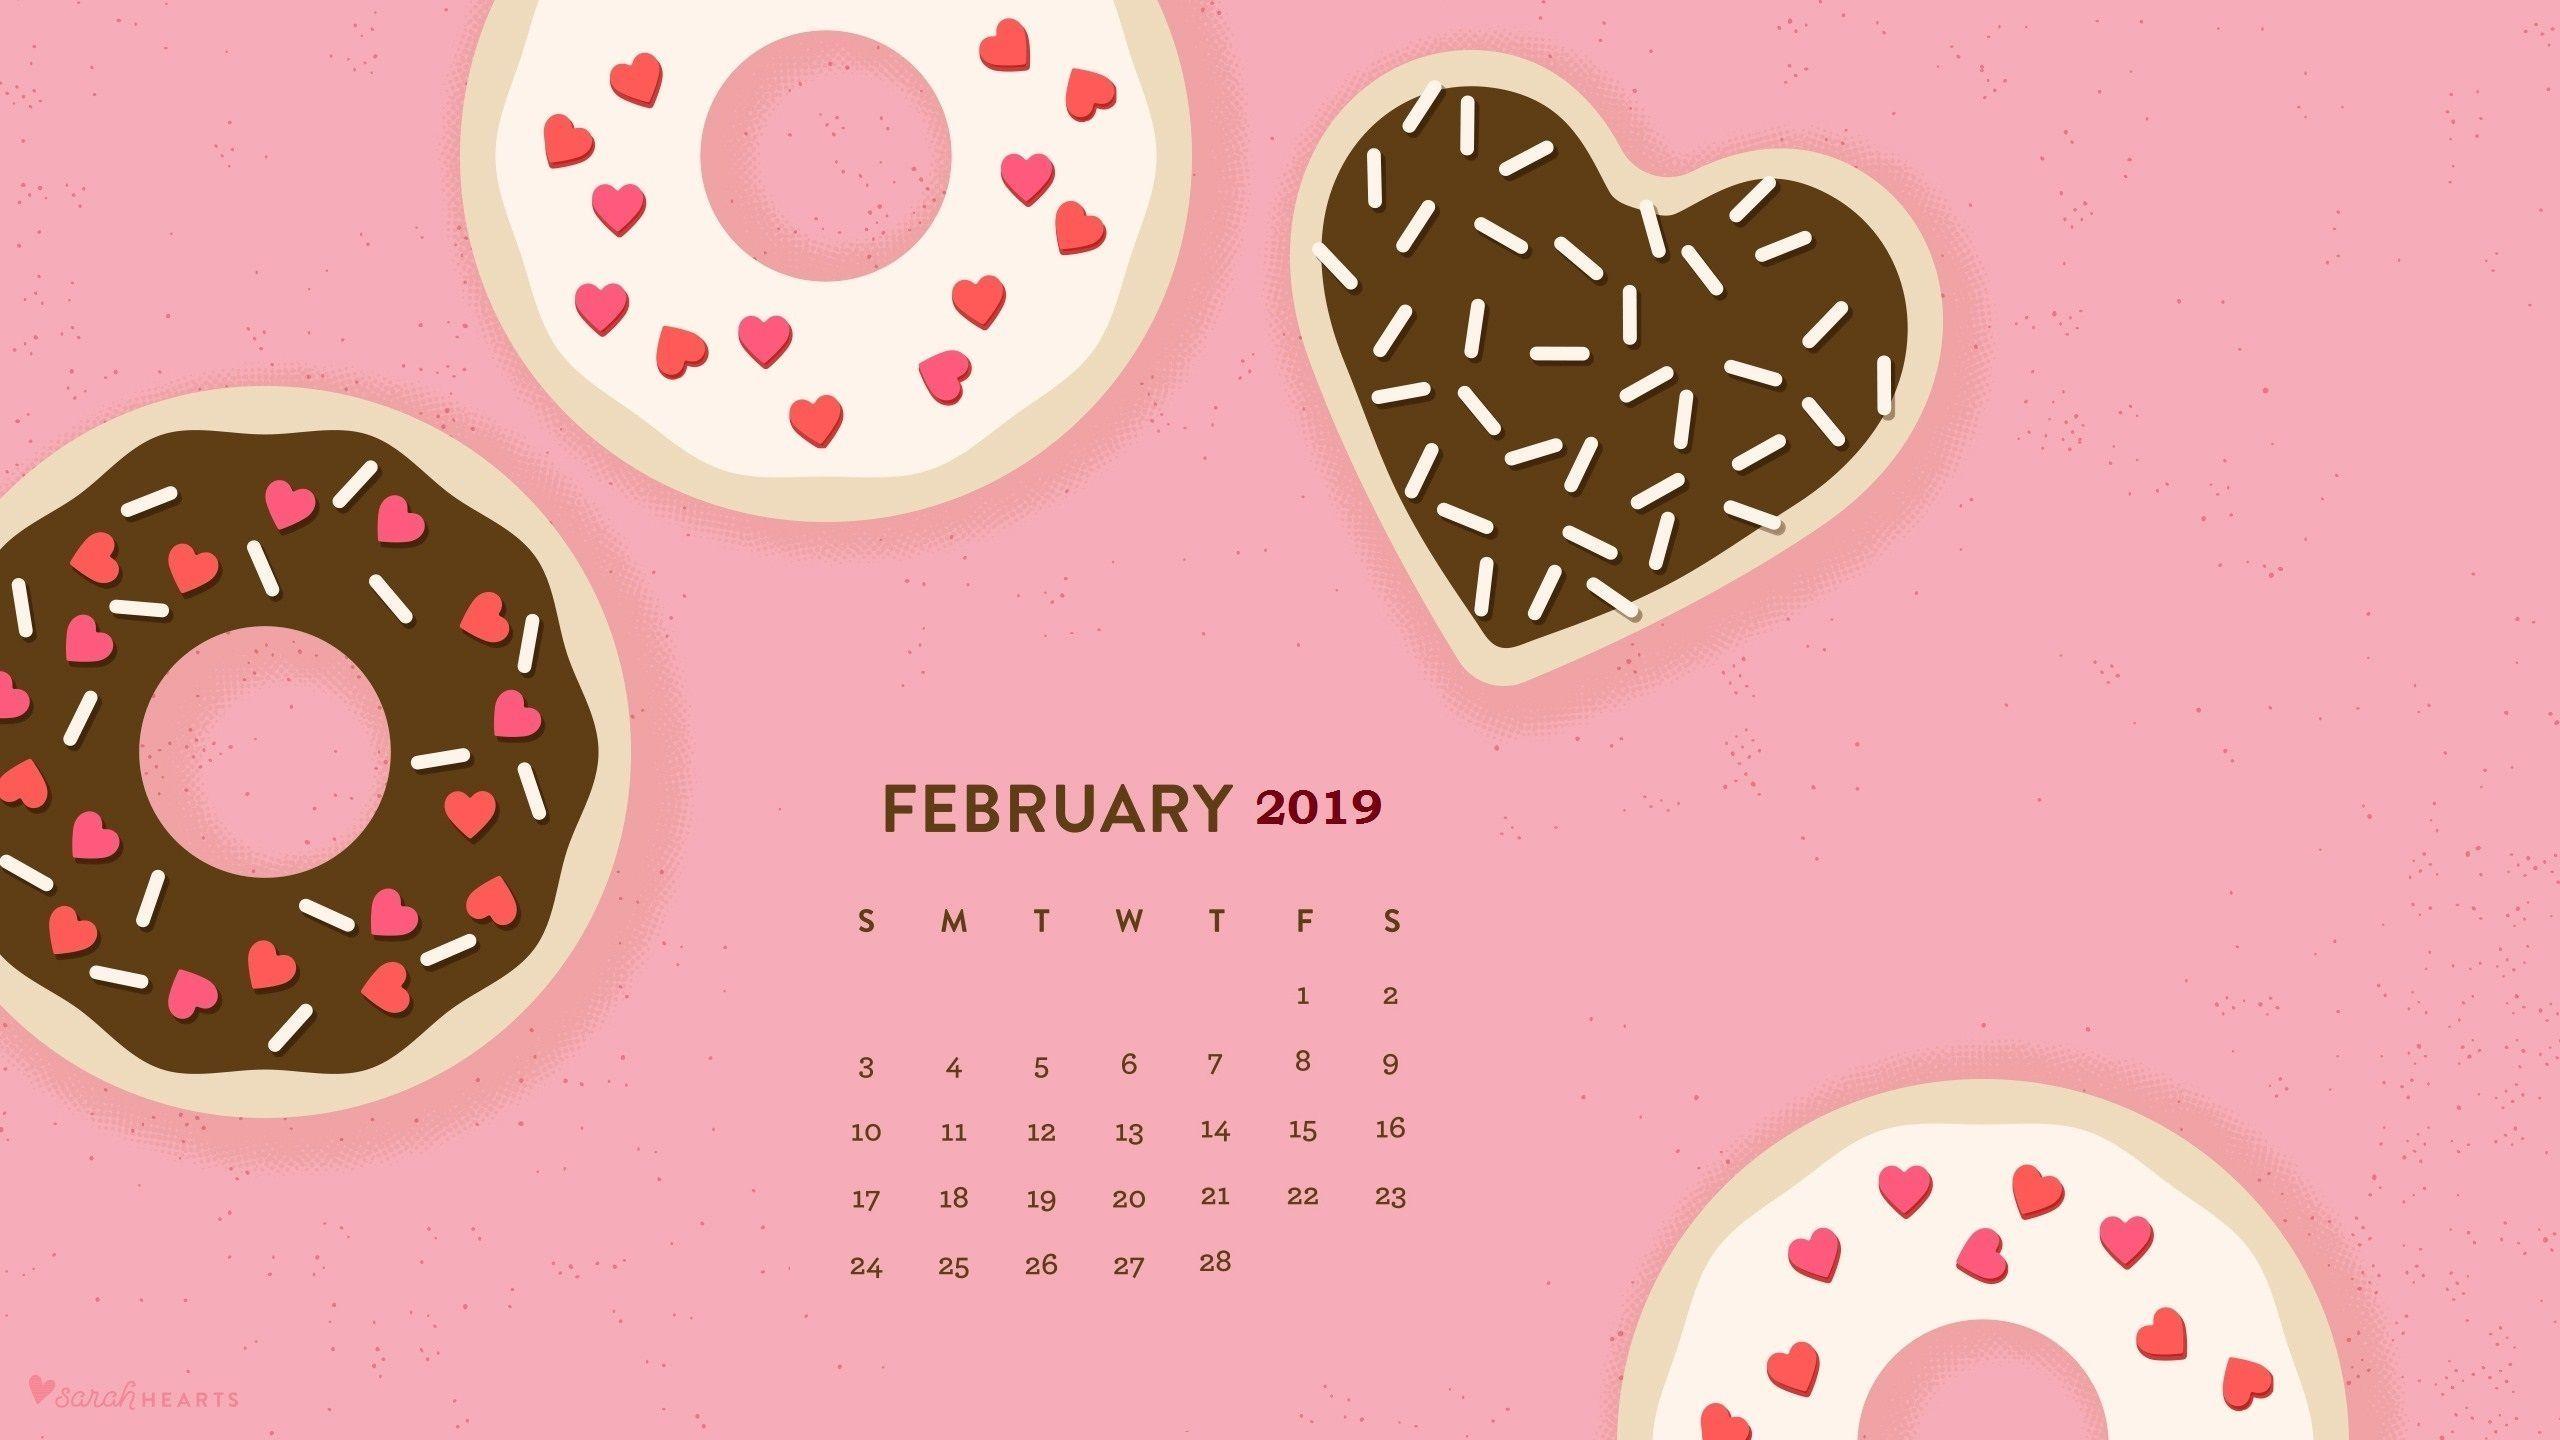 February 2019 Hd Calendar Wallpaper Monthly Calendar Templates February 2019 Desktop Calenda Cute Wallpapers For Computer Calendar Wallpaper Desktop Wallpaper